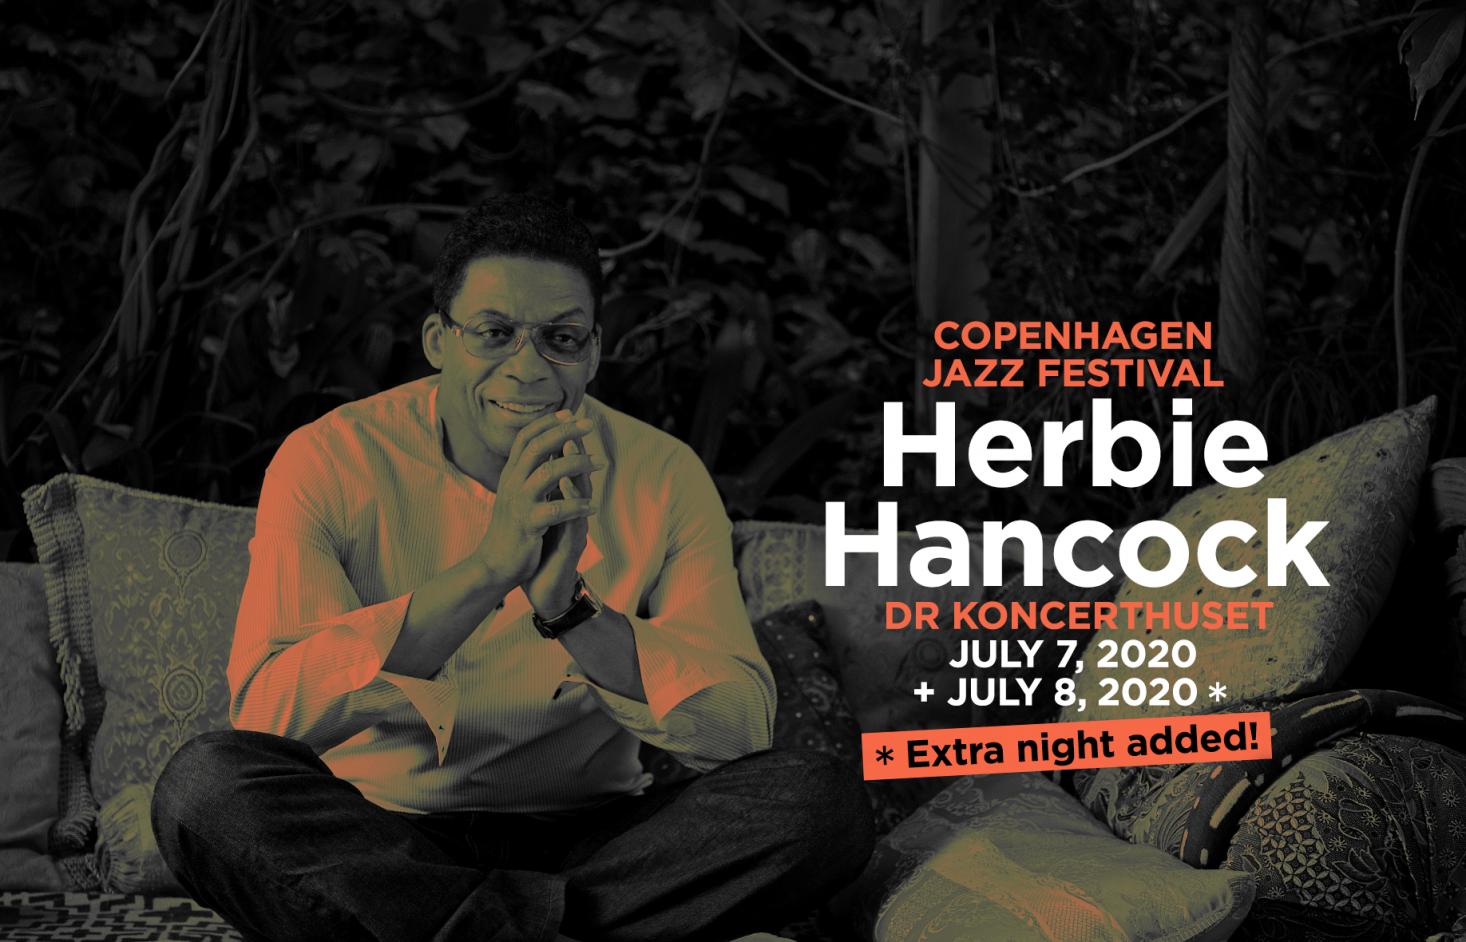 Herbie Hancock (US) – ekstra koncert tilføjet den 8. juli!